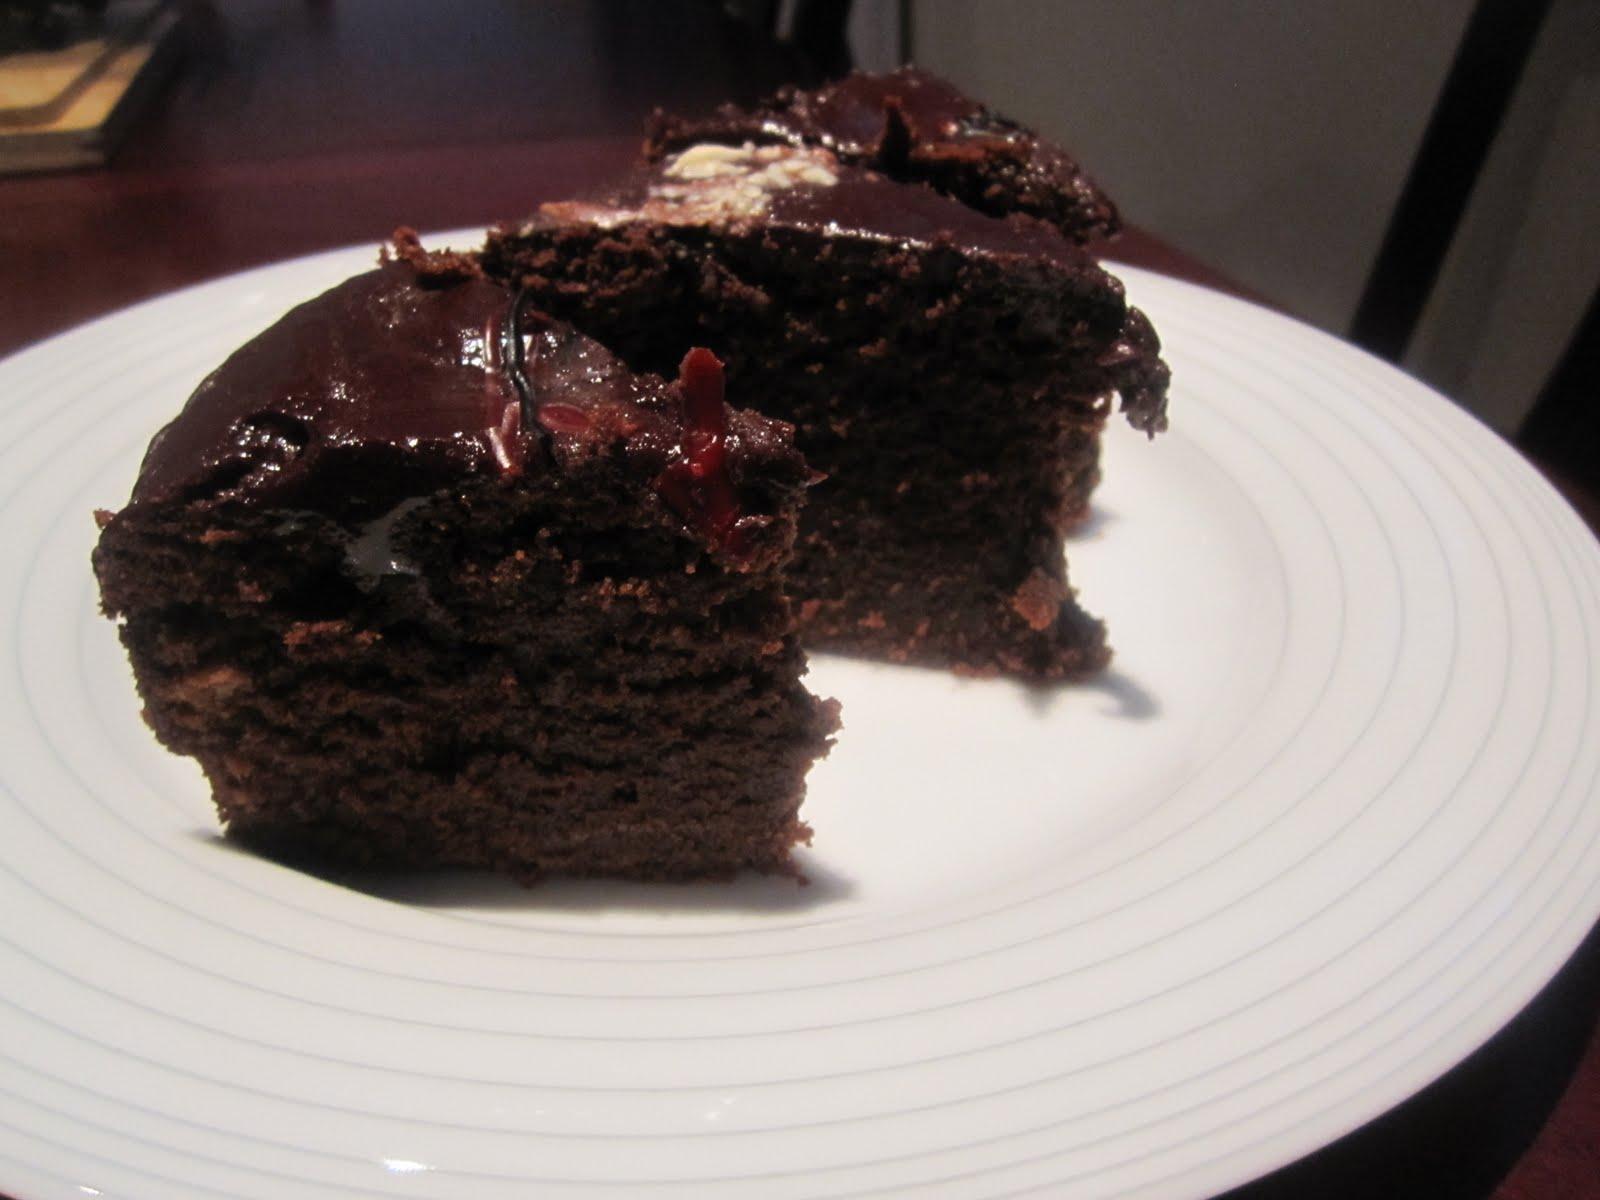 Hubbys Birthday Chocolate Mud Cake Love and Calories